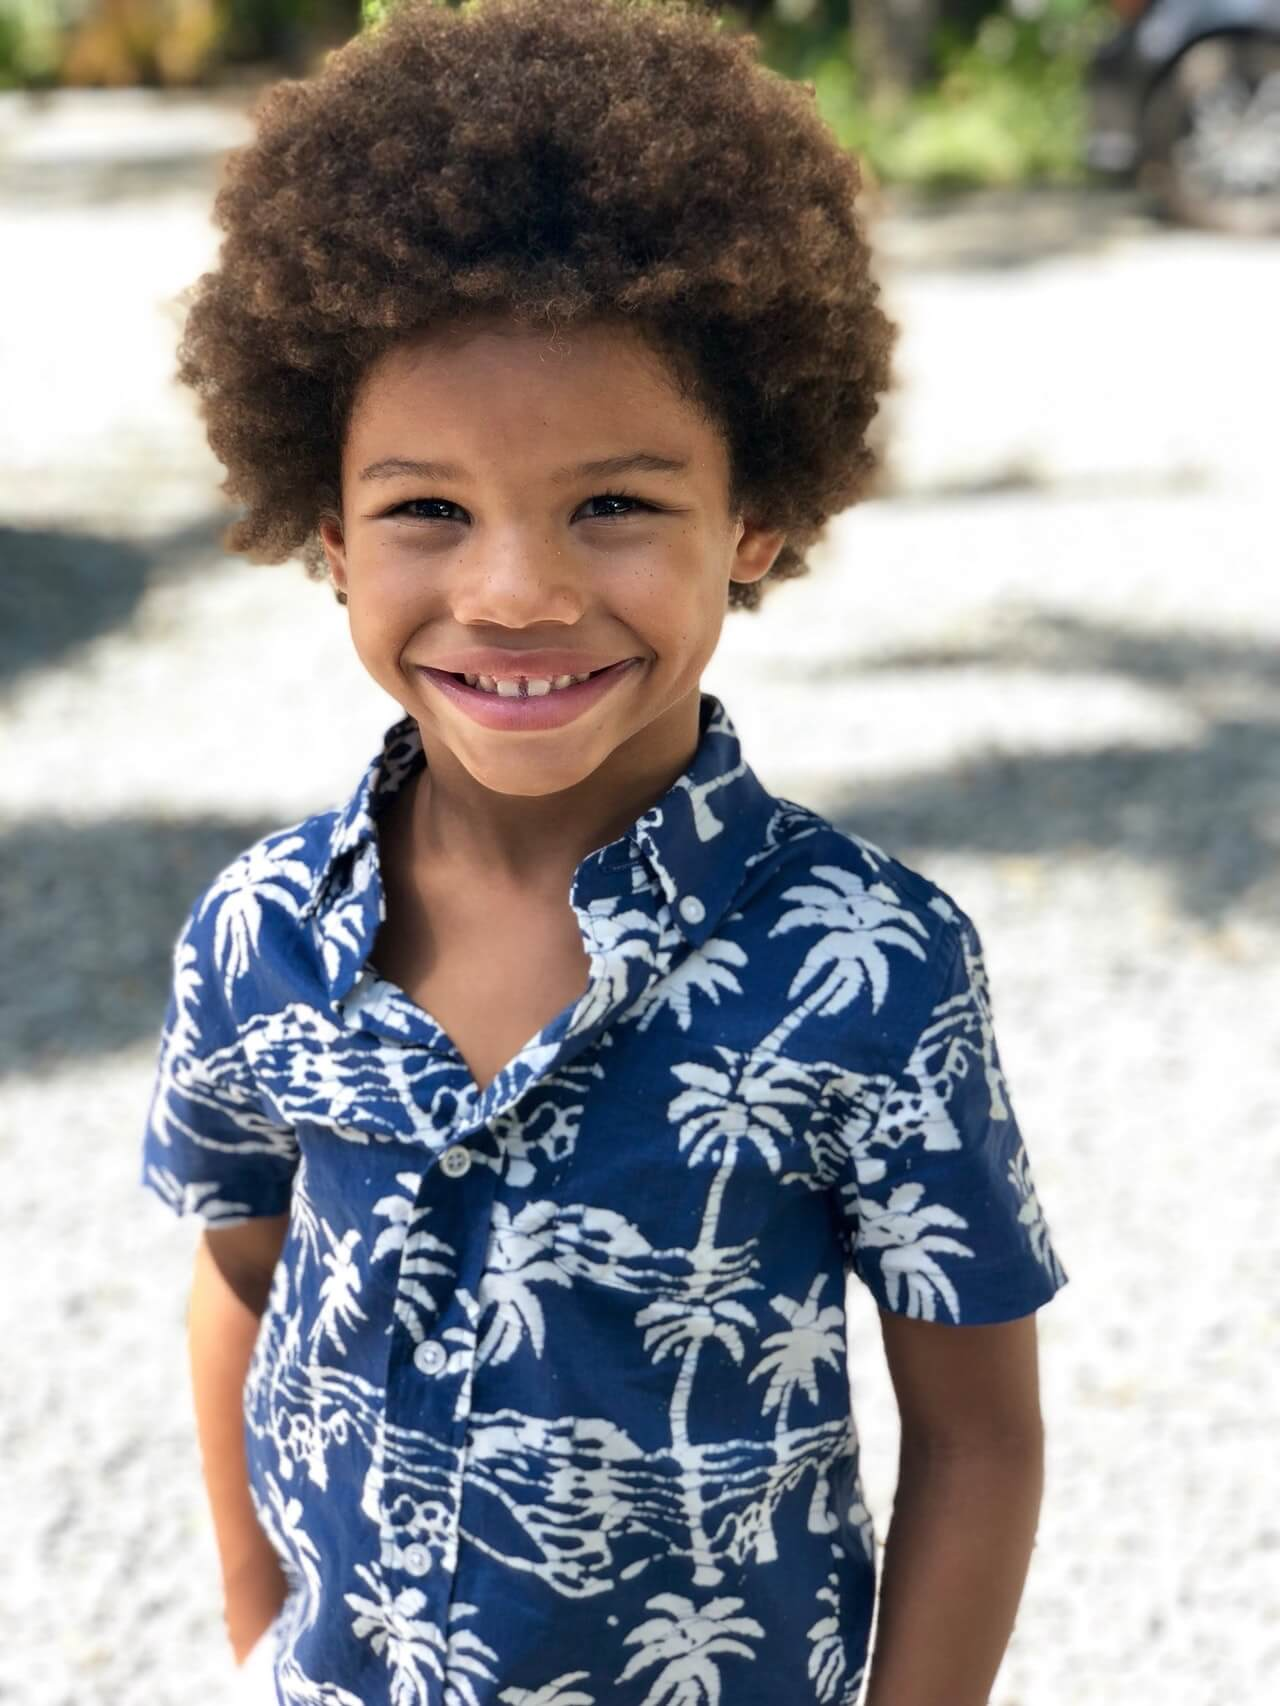 La dentición en niños: preguntas frecuentes